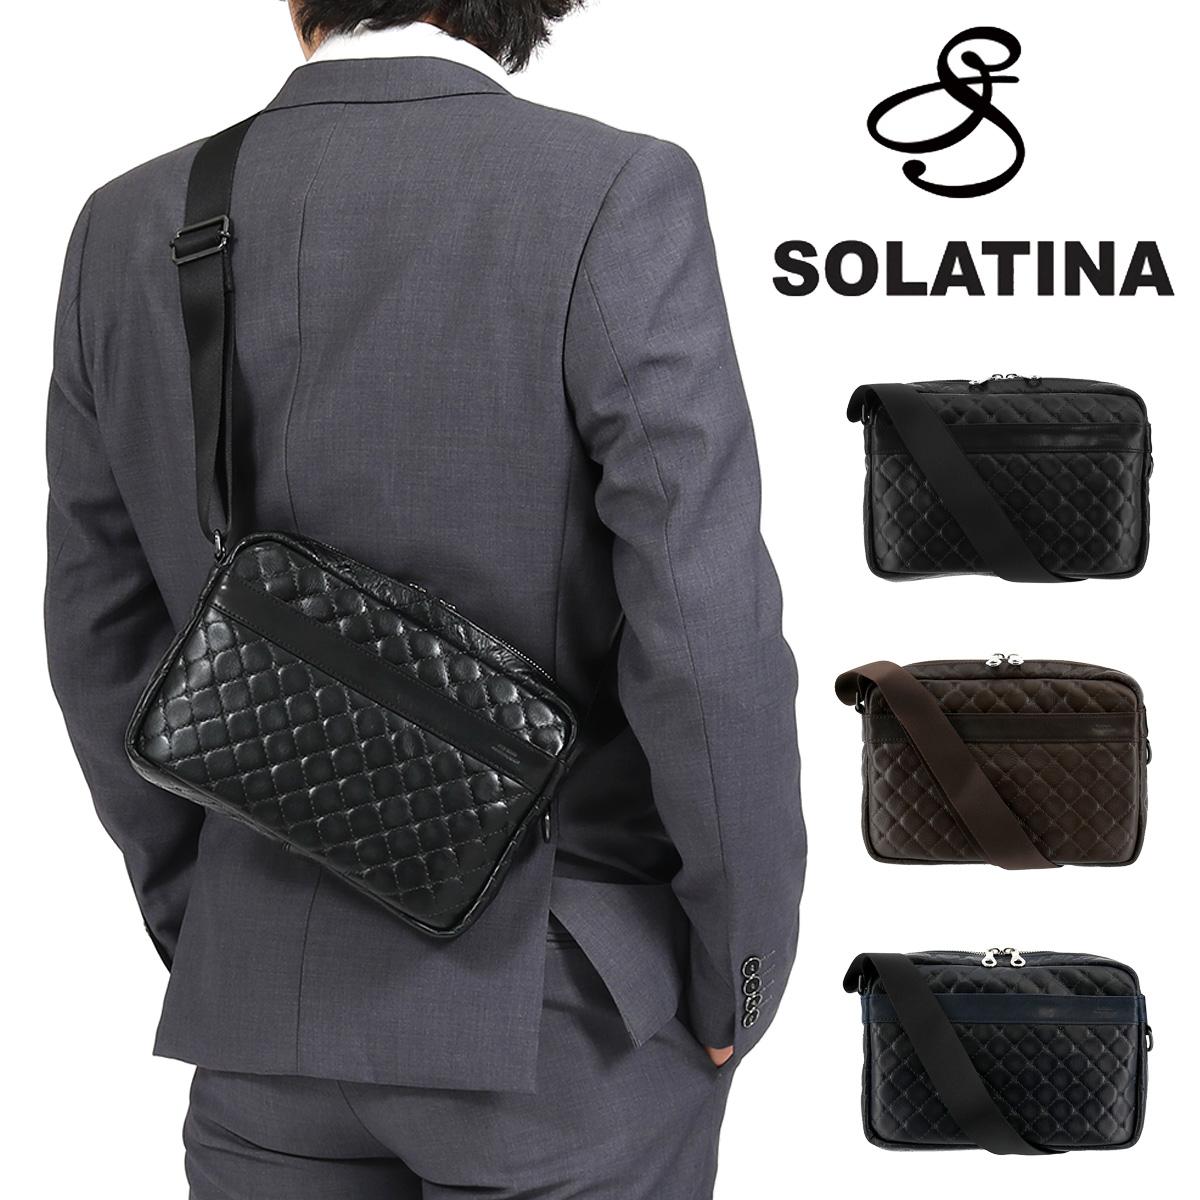 ソラチナ ショルダーバッグ キルト メンズ SJP-00902 日本製 SOLATINA | 本革 レザー [04/12]